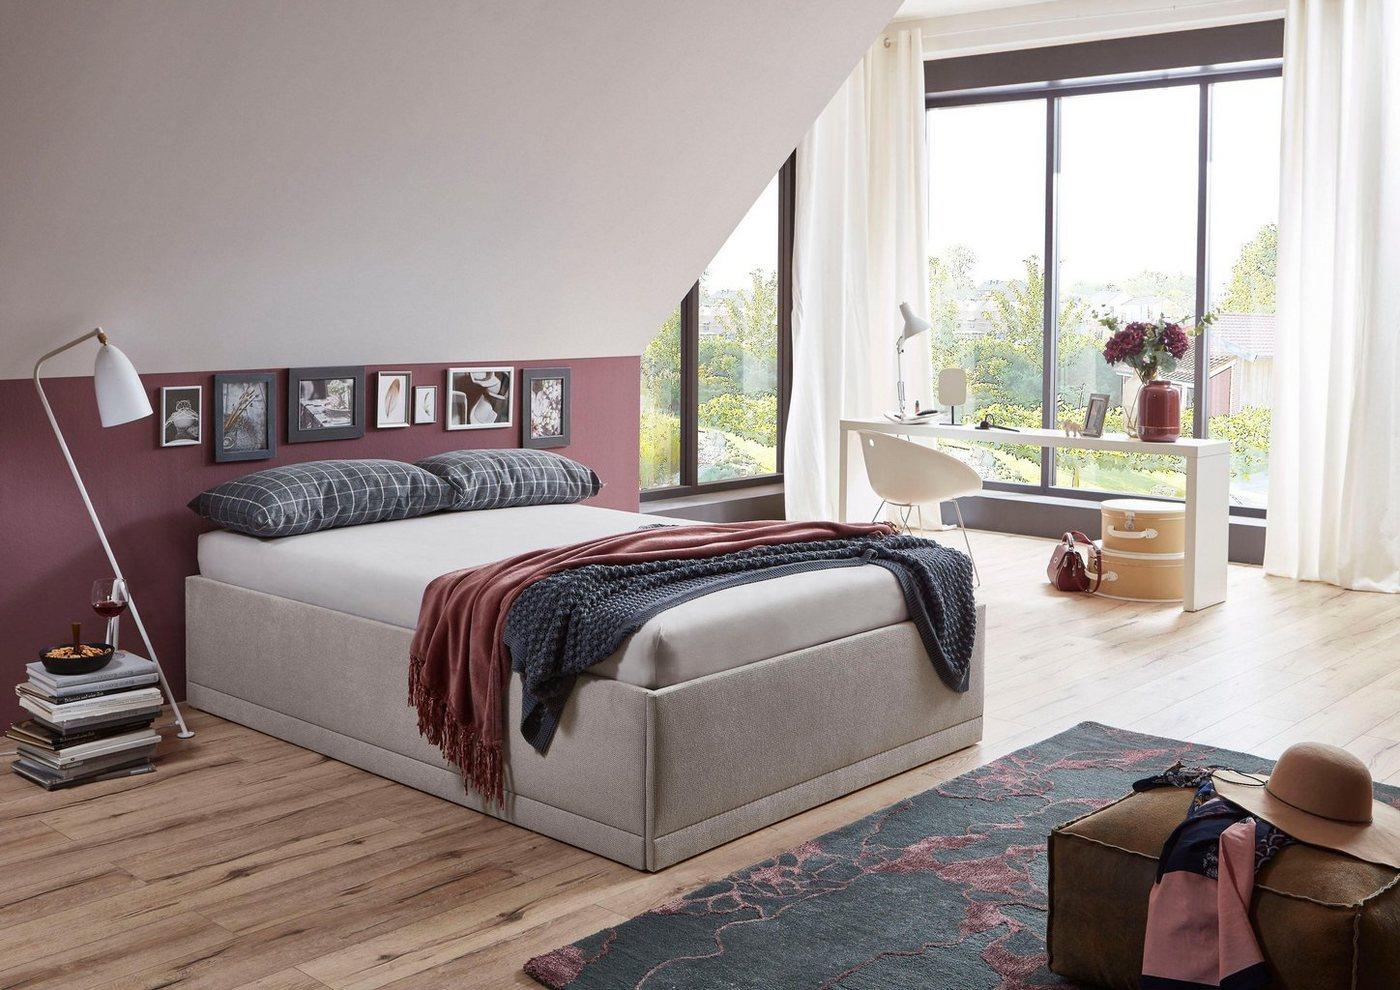 Westfalia Schlafkomfort Polsterbett »Texel«, mit Zierkissen, Standardhöhe günstig online kaufen